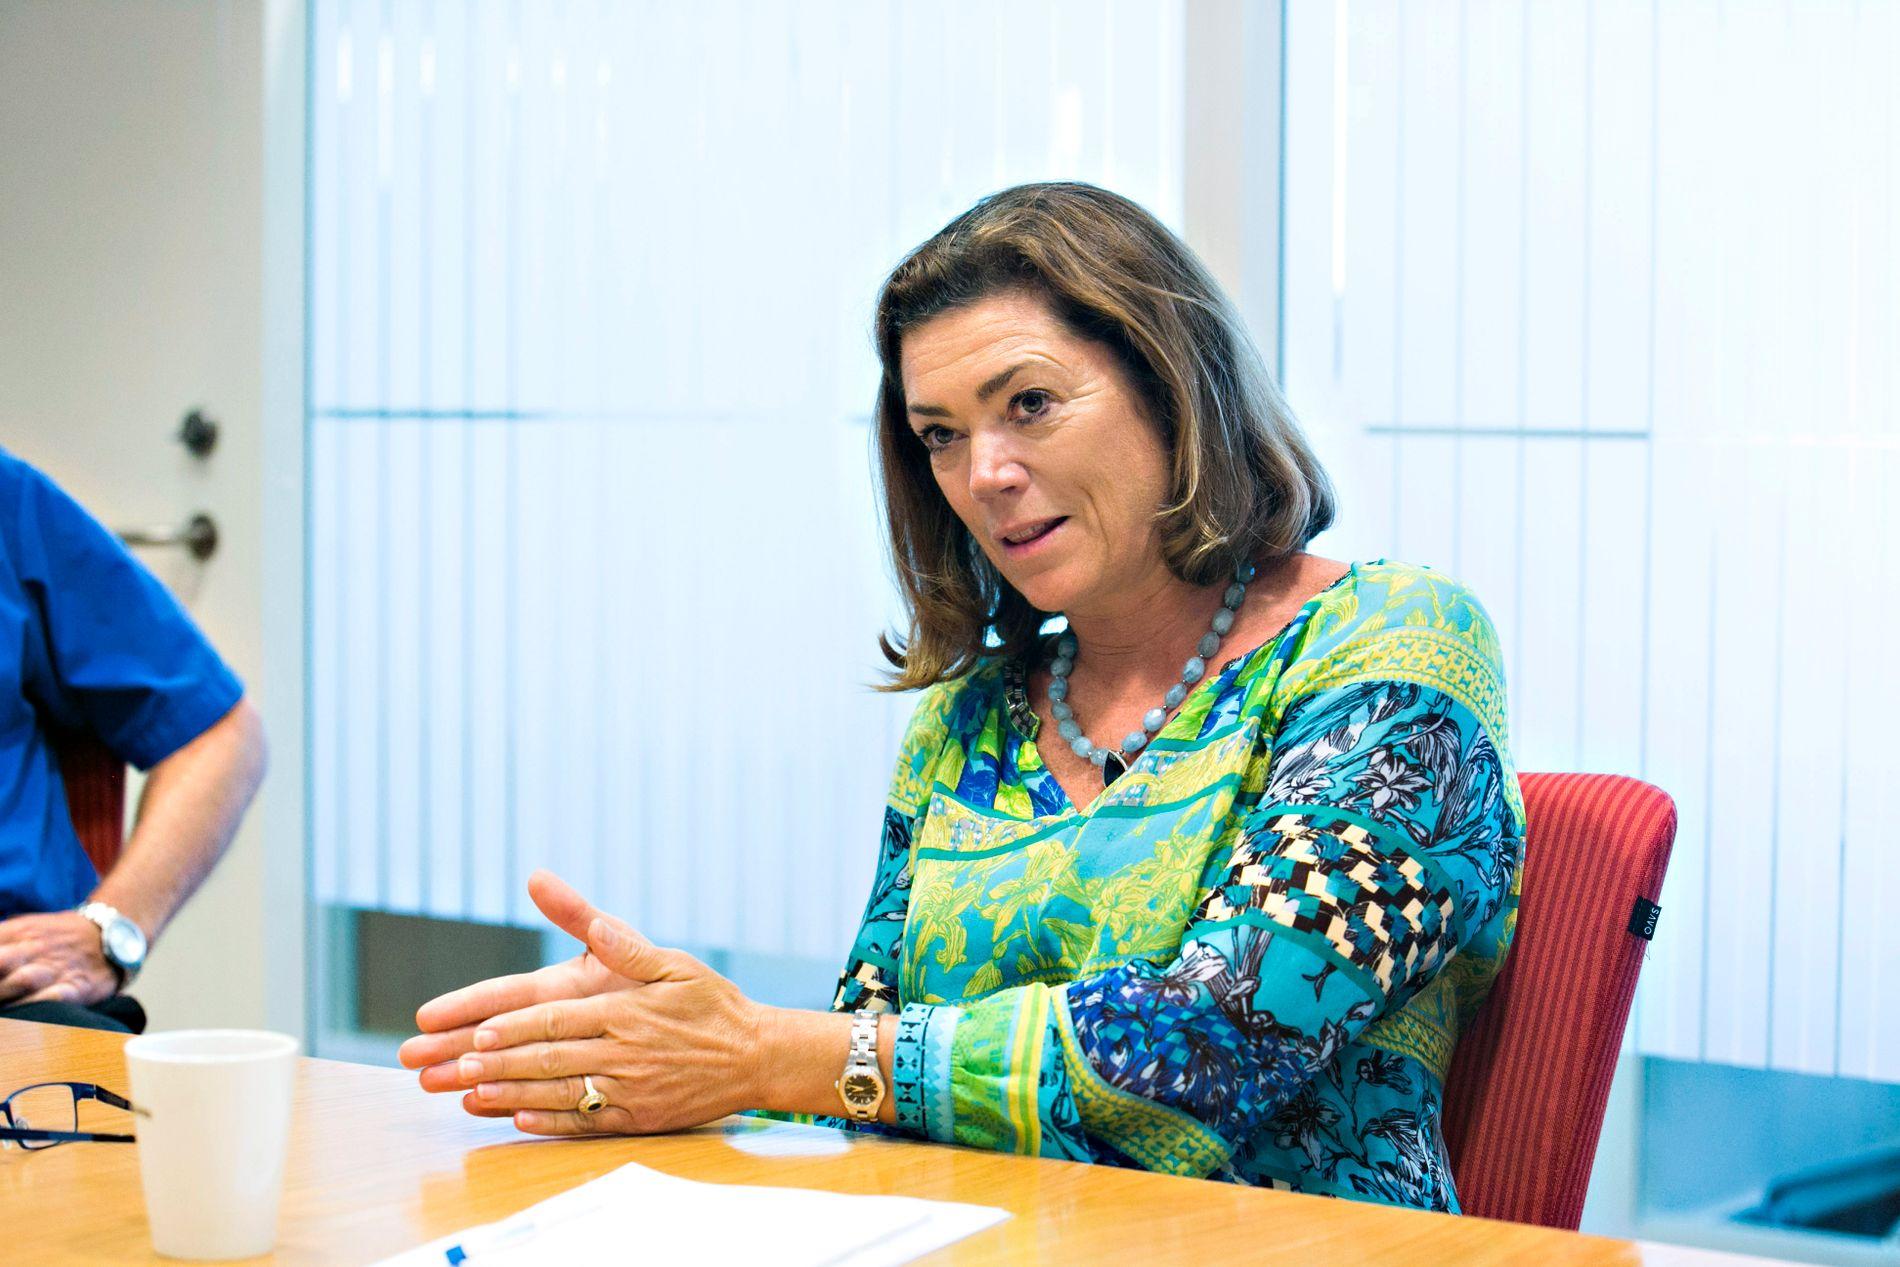 ERKJENNELSE: NHO-sjef Kristin Skogen Lund erkjenner i dette intervjuet at Norge må bli mindre avhengige av olje og gass.